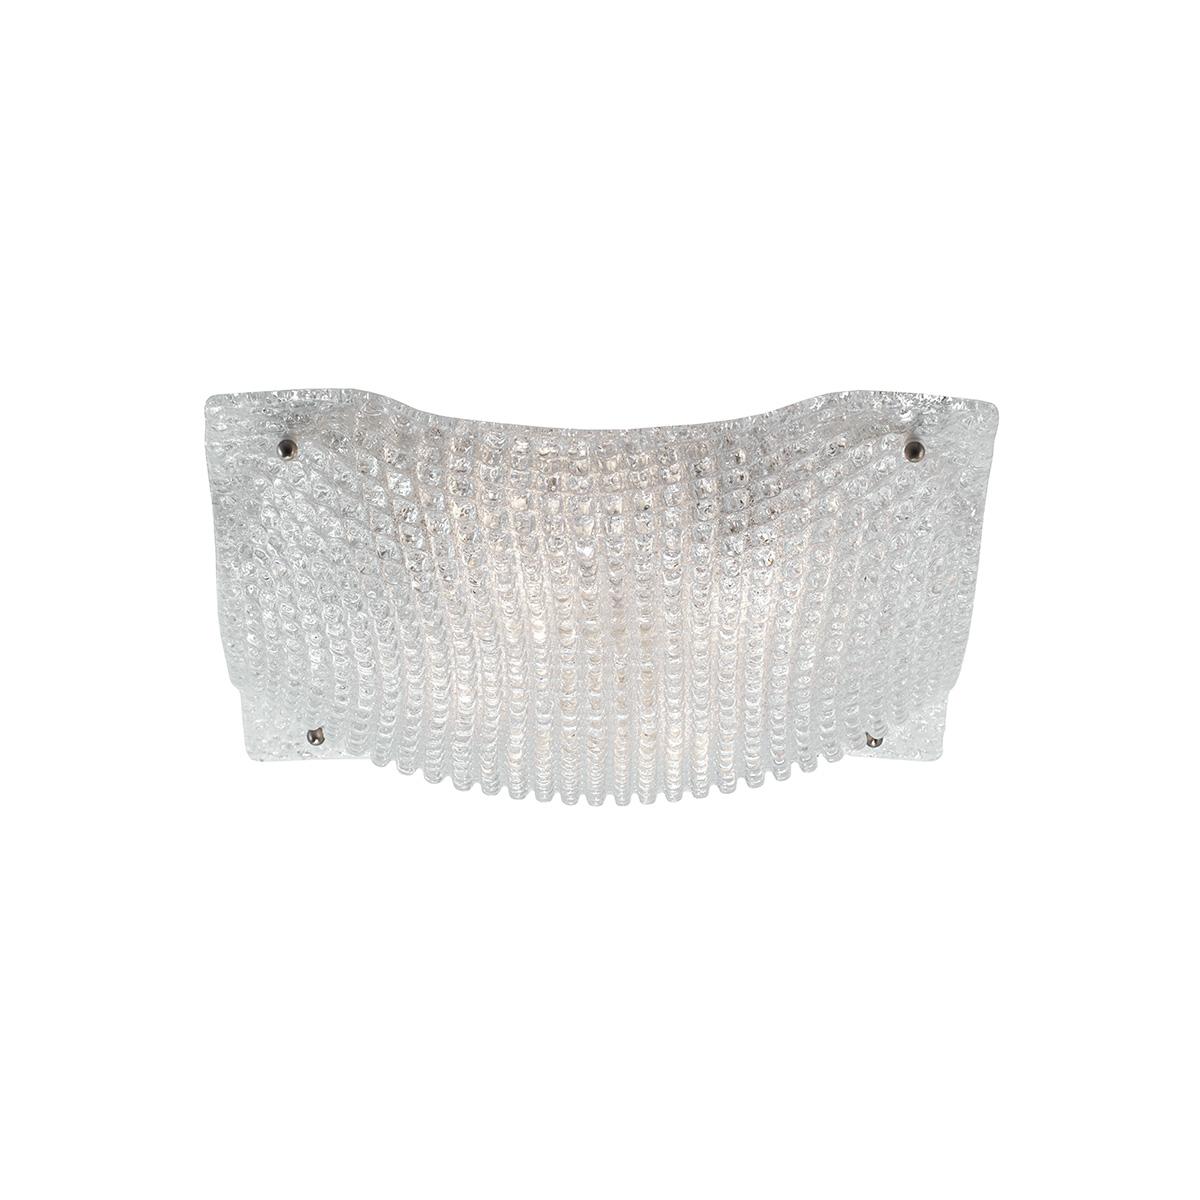 Φωτιστικό οροφής Μουράνο λευκό ΜΑΝΤΗΛΙ white Murano ceiling lamp